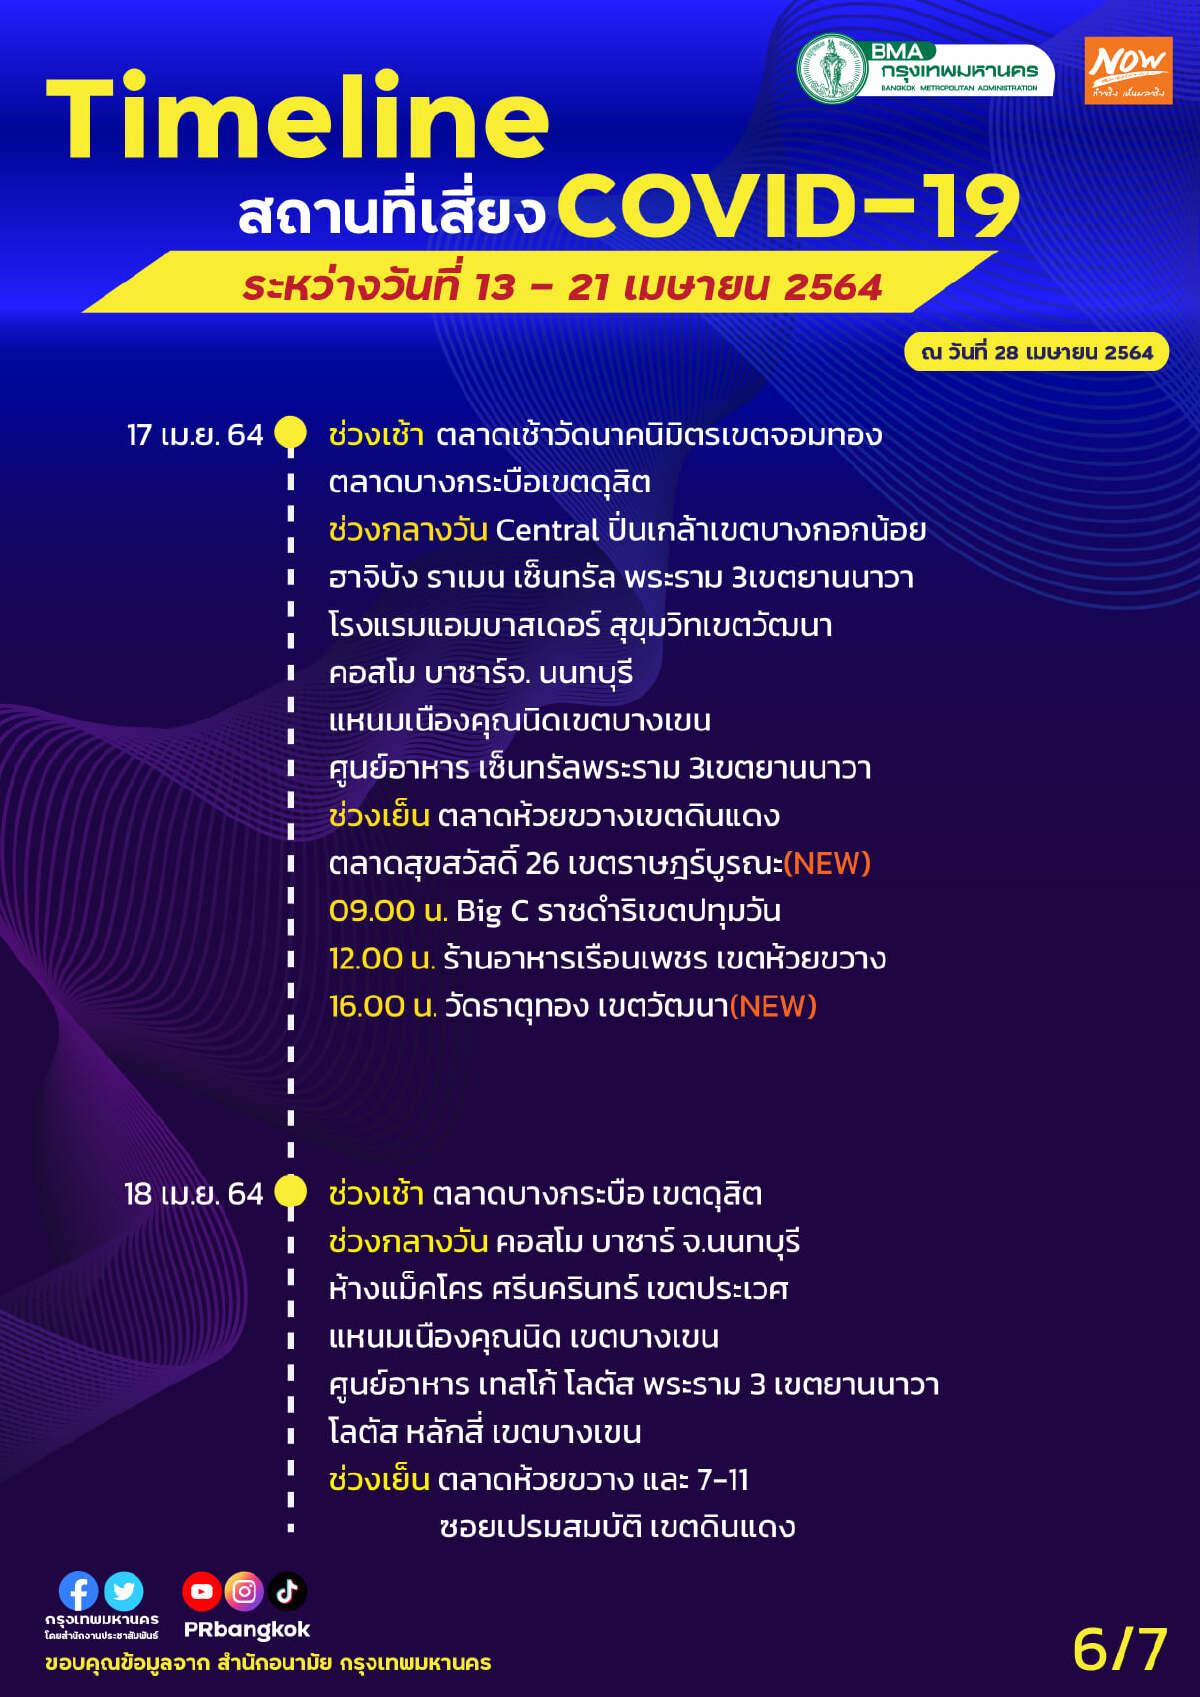 กทม. เปิดไทม์ไลน์ 28 สถานที่เสี่ยงโควิด ช่วงวันที่ 13 - 21 เมษายน